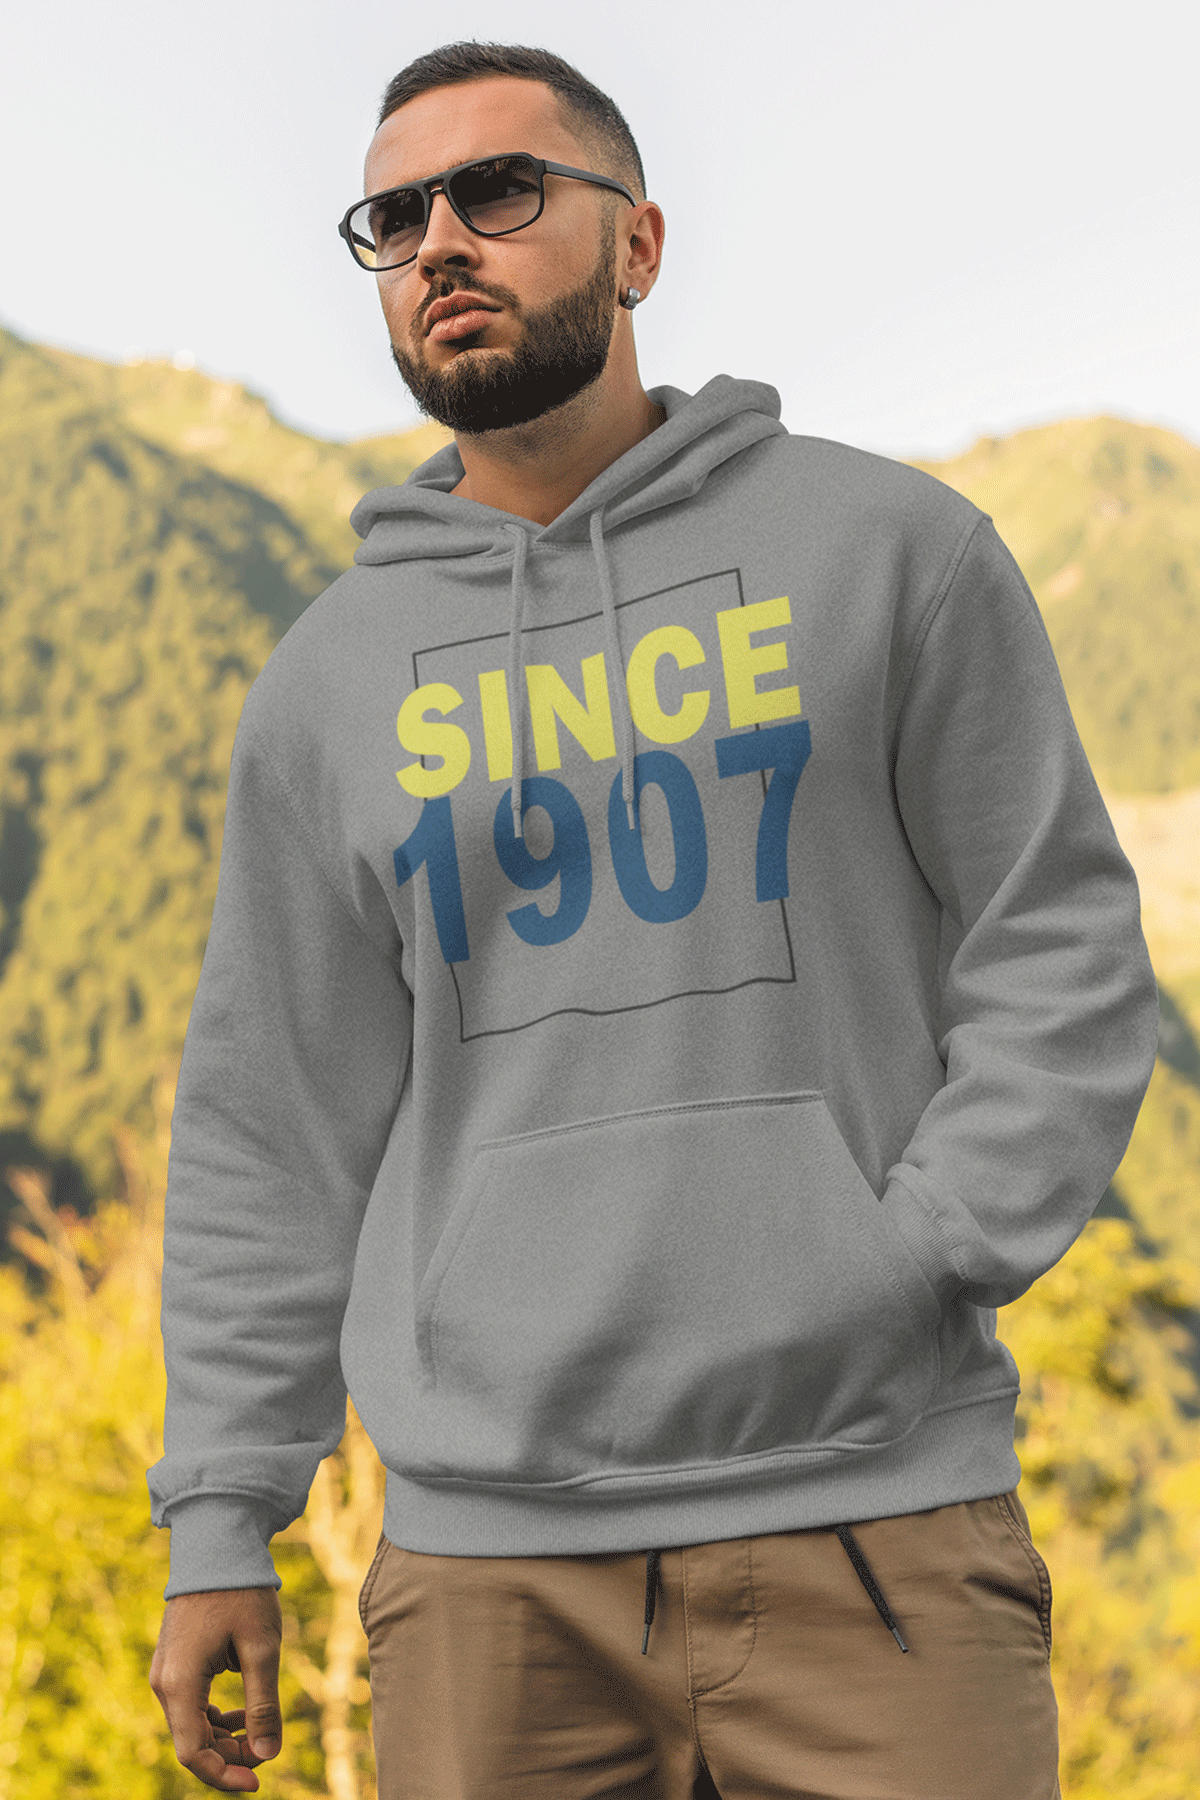 Since 1907 Gri FB Erkek Kapşonlu Sweatshirt - Hoodie